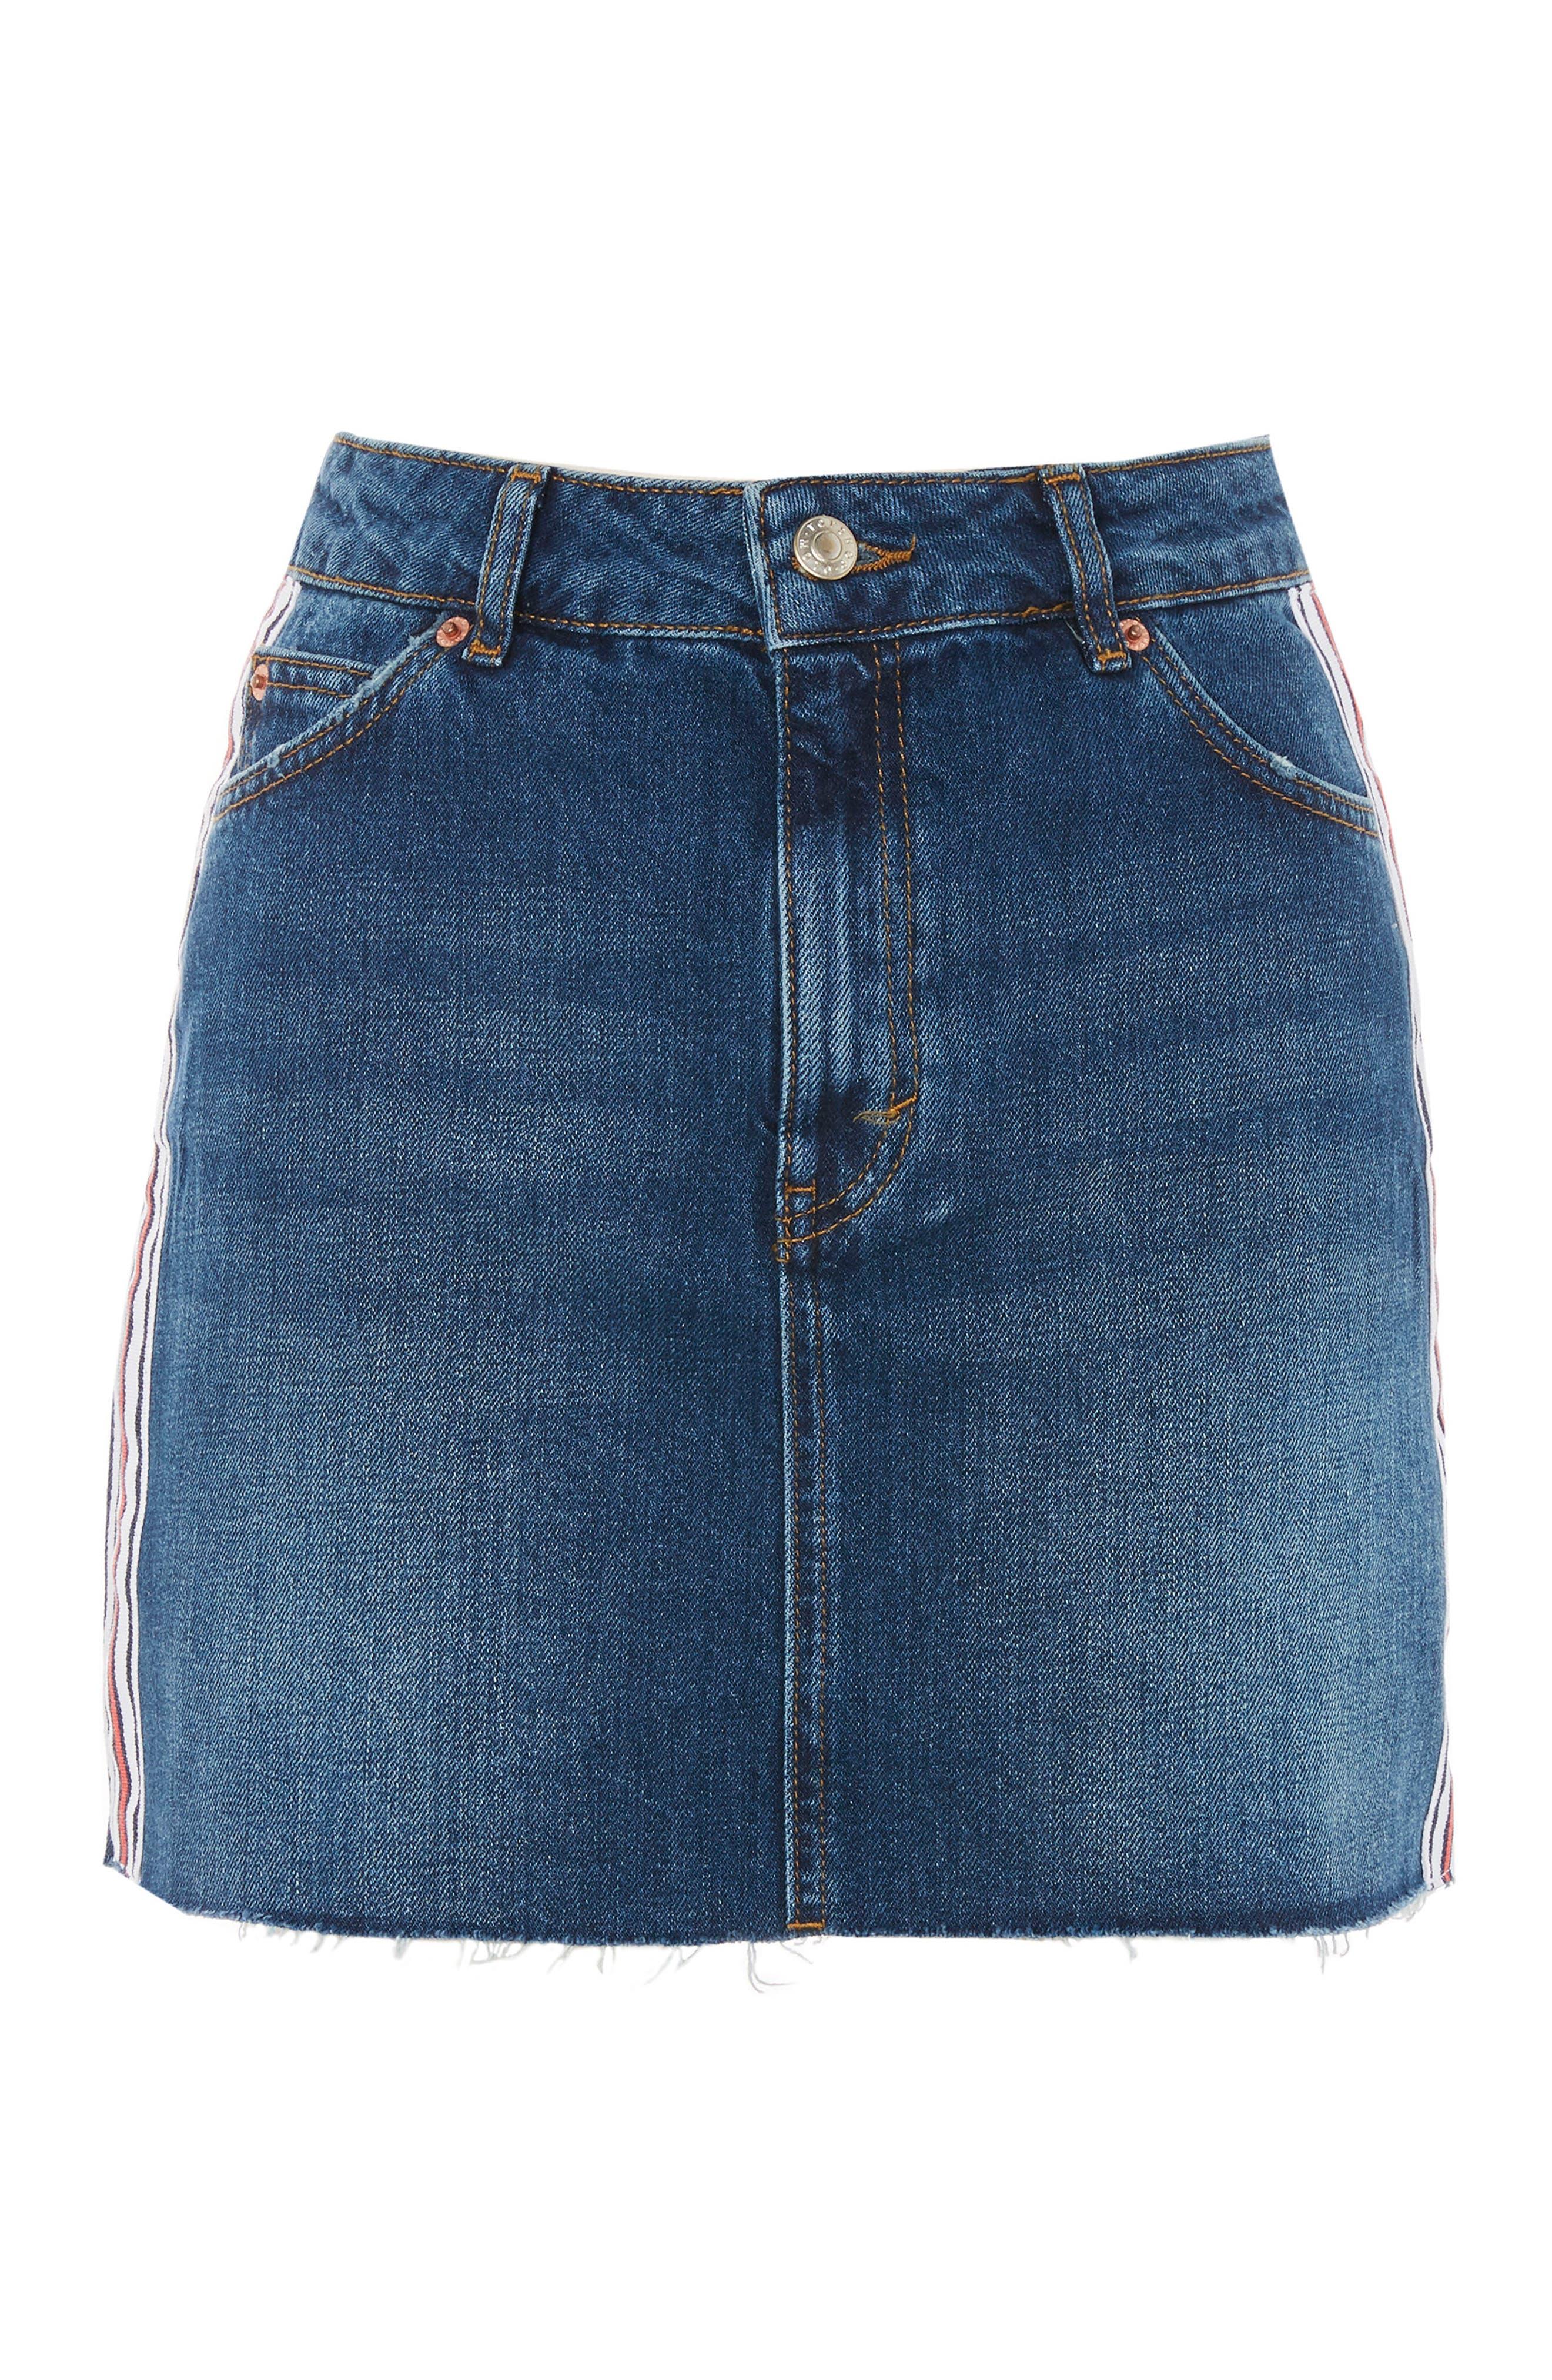 Varsity Stripe Denim Miniskirt,                             Alternate thumbnail 4, color,                             Mid Denim